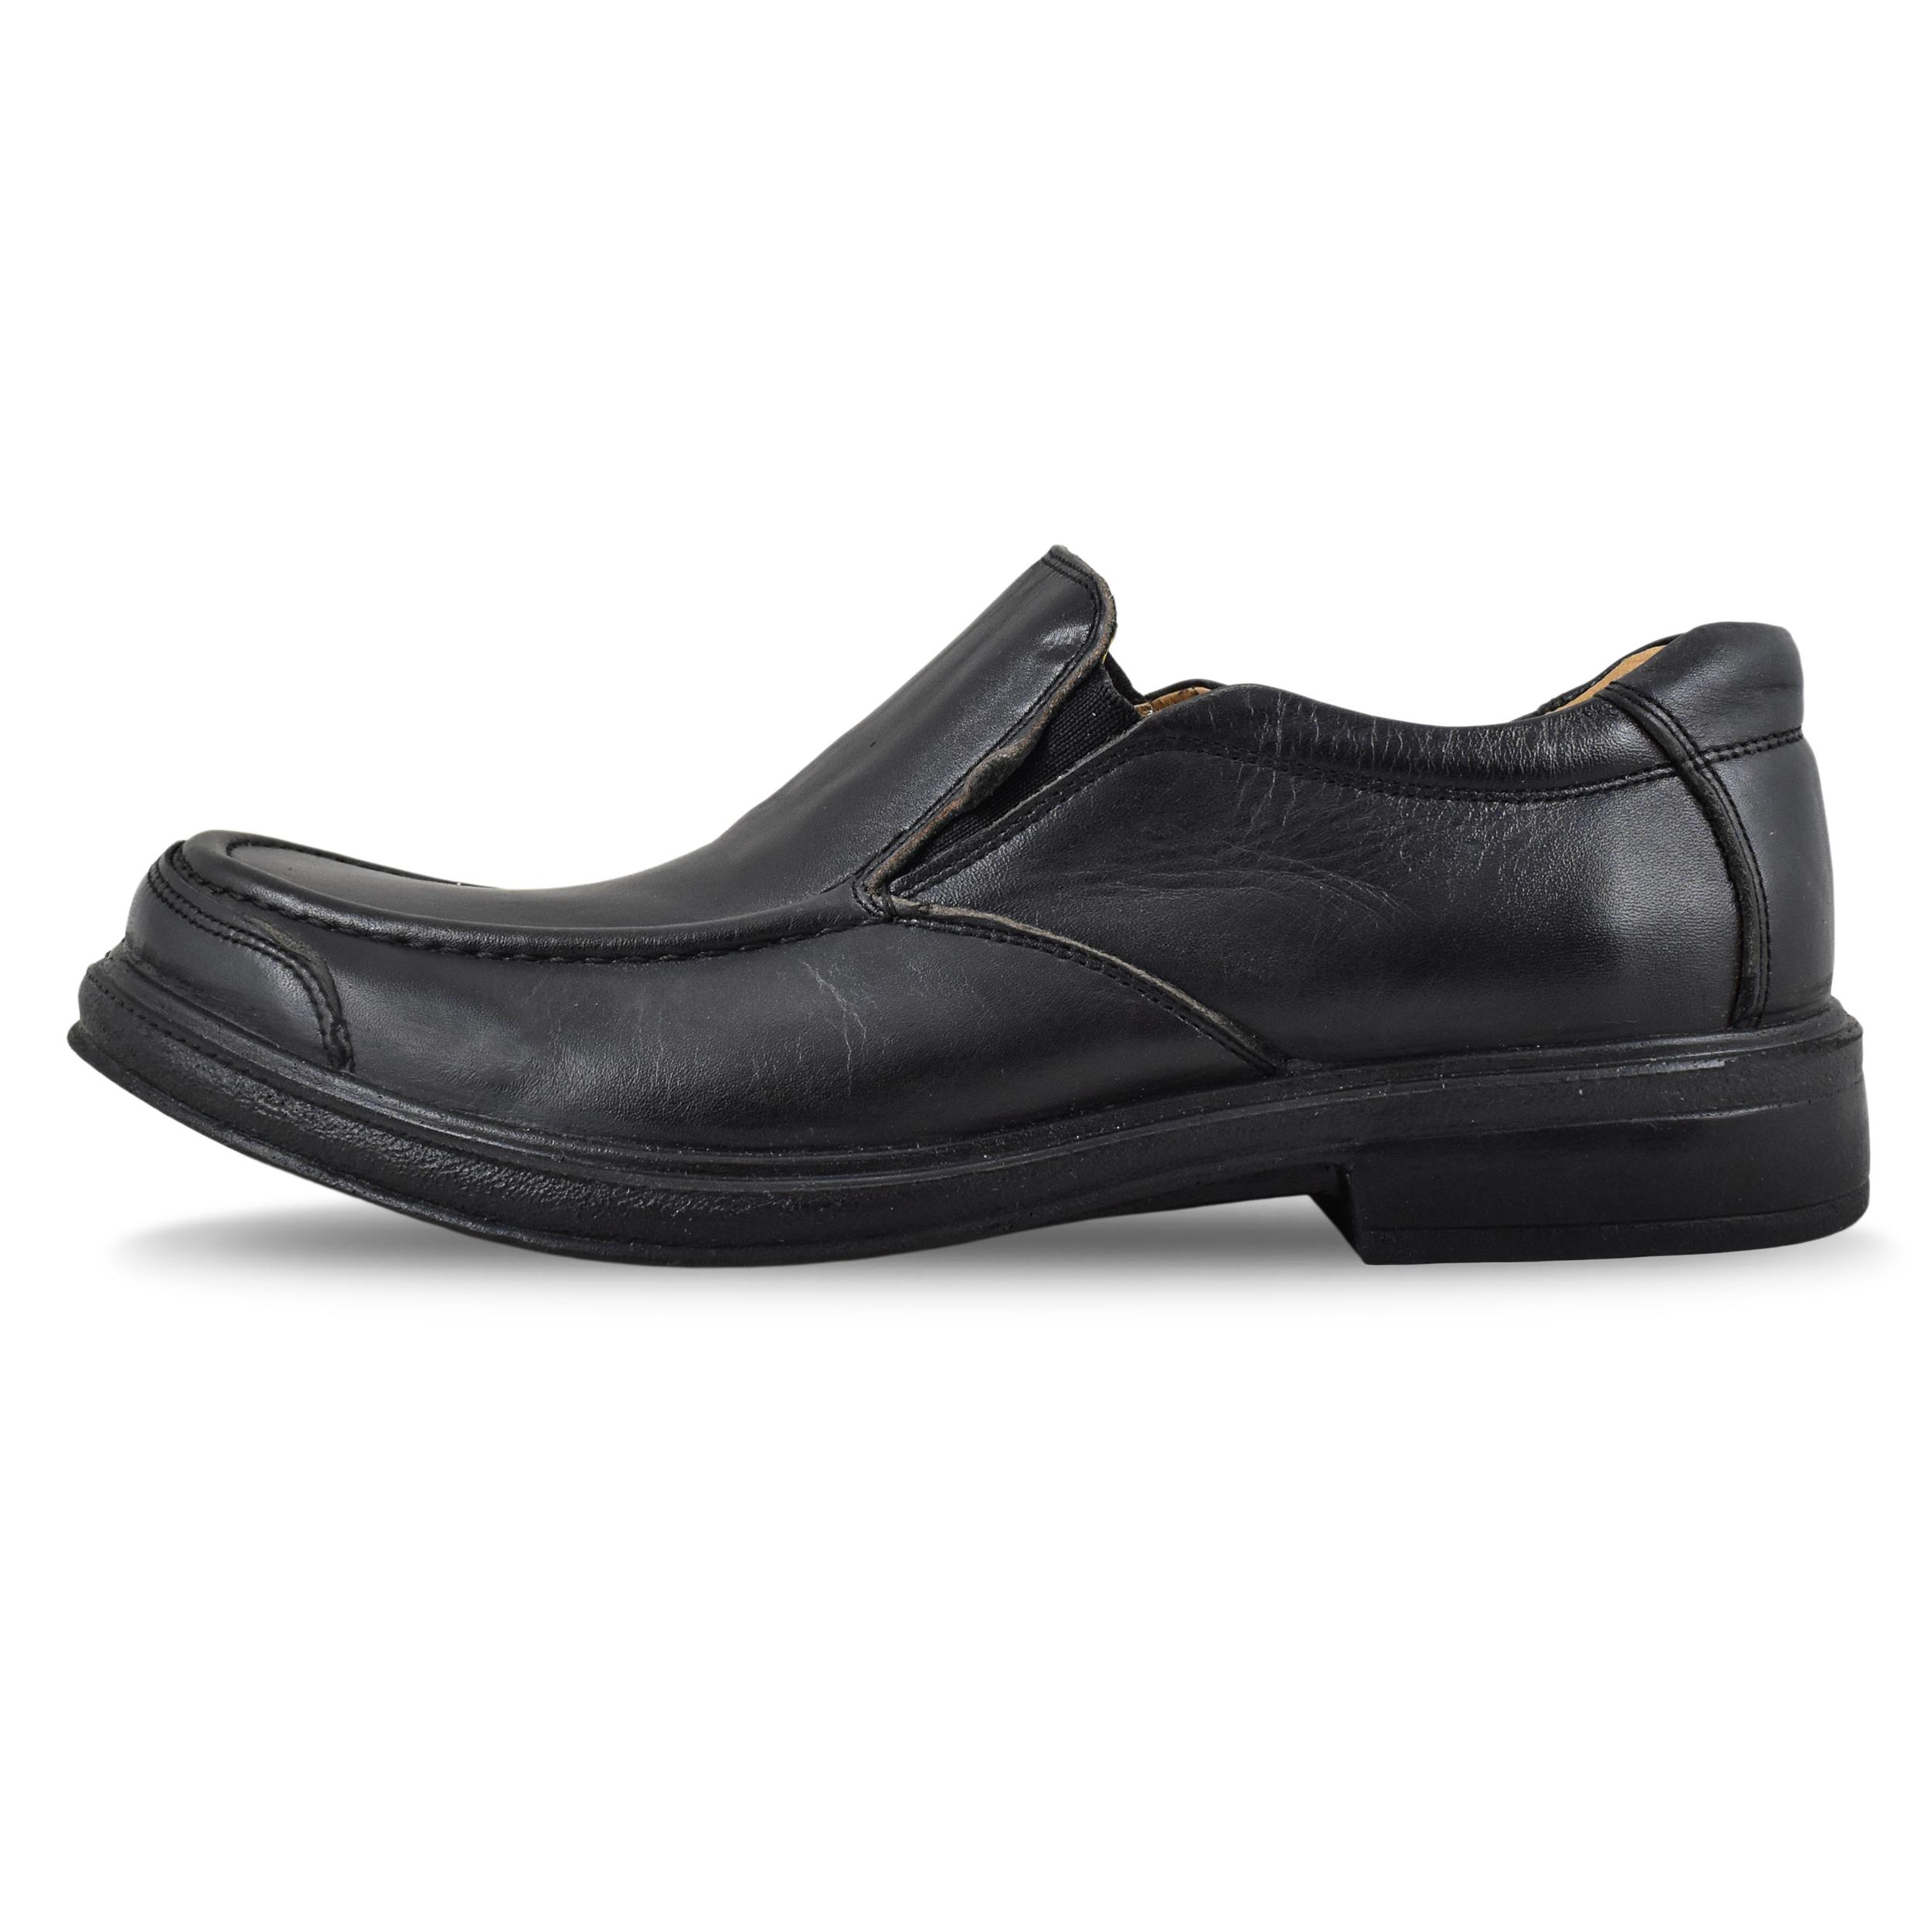 کفش مردانه نهرین مدل برت کد 4132